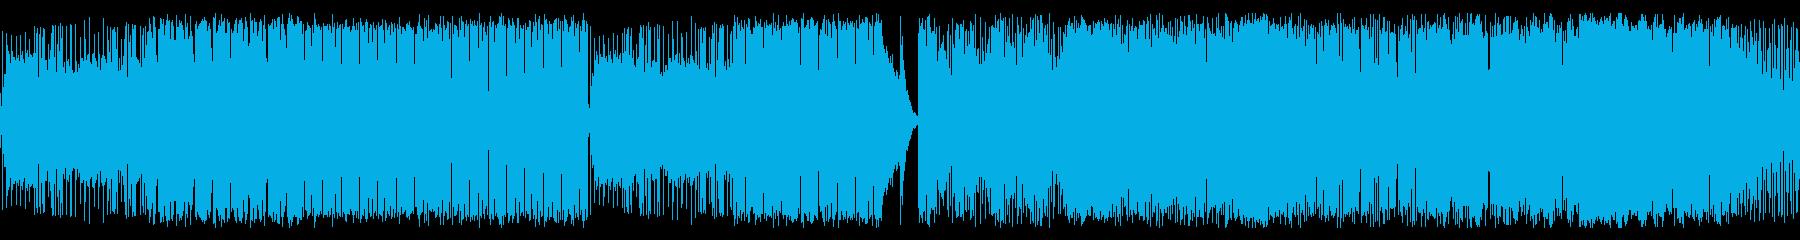 火星をテーマにしたドラムンベースの再生済みの波形